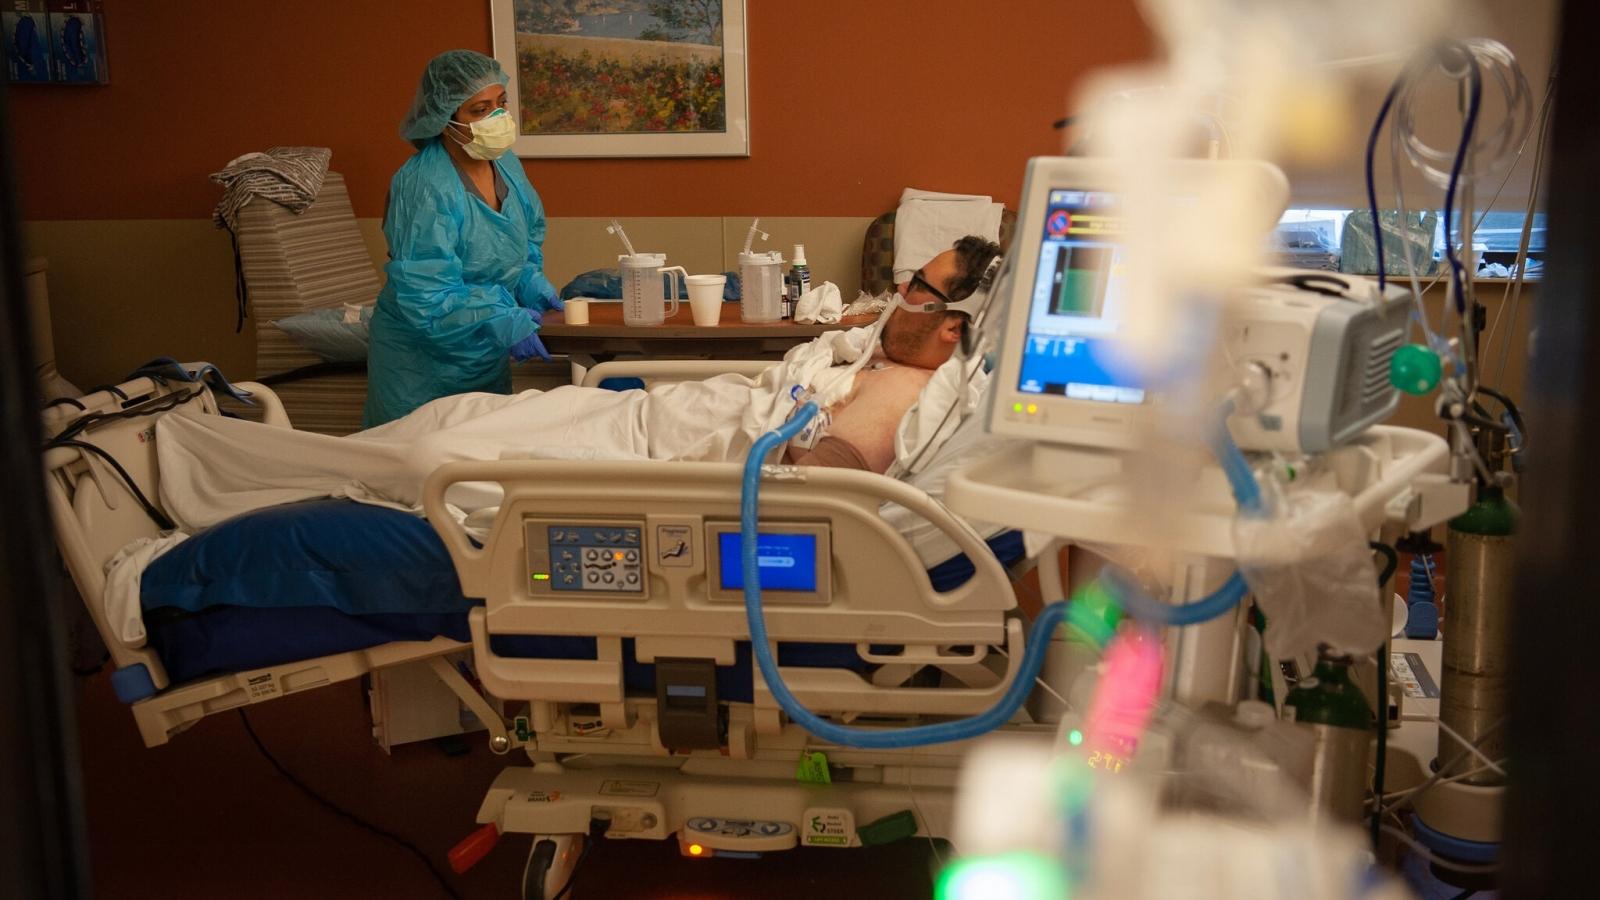 Tiến sĩ Fauci: Số ca mắc Covid-19 ở Mỹ cao gấp 10 lần mức cần thiết để kết thúc đại dịch